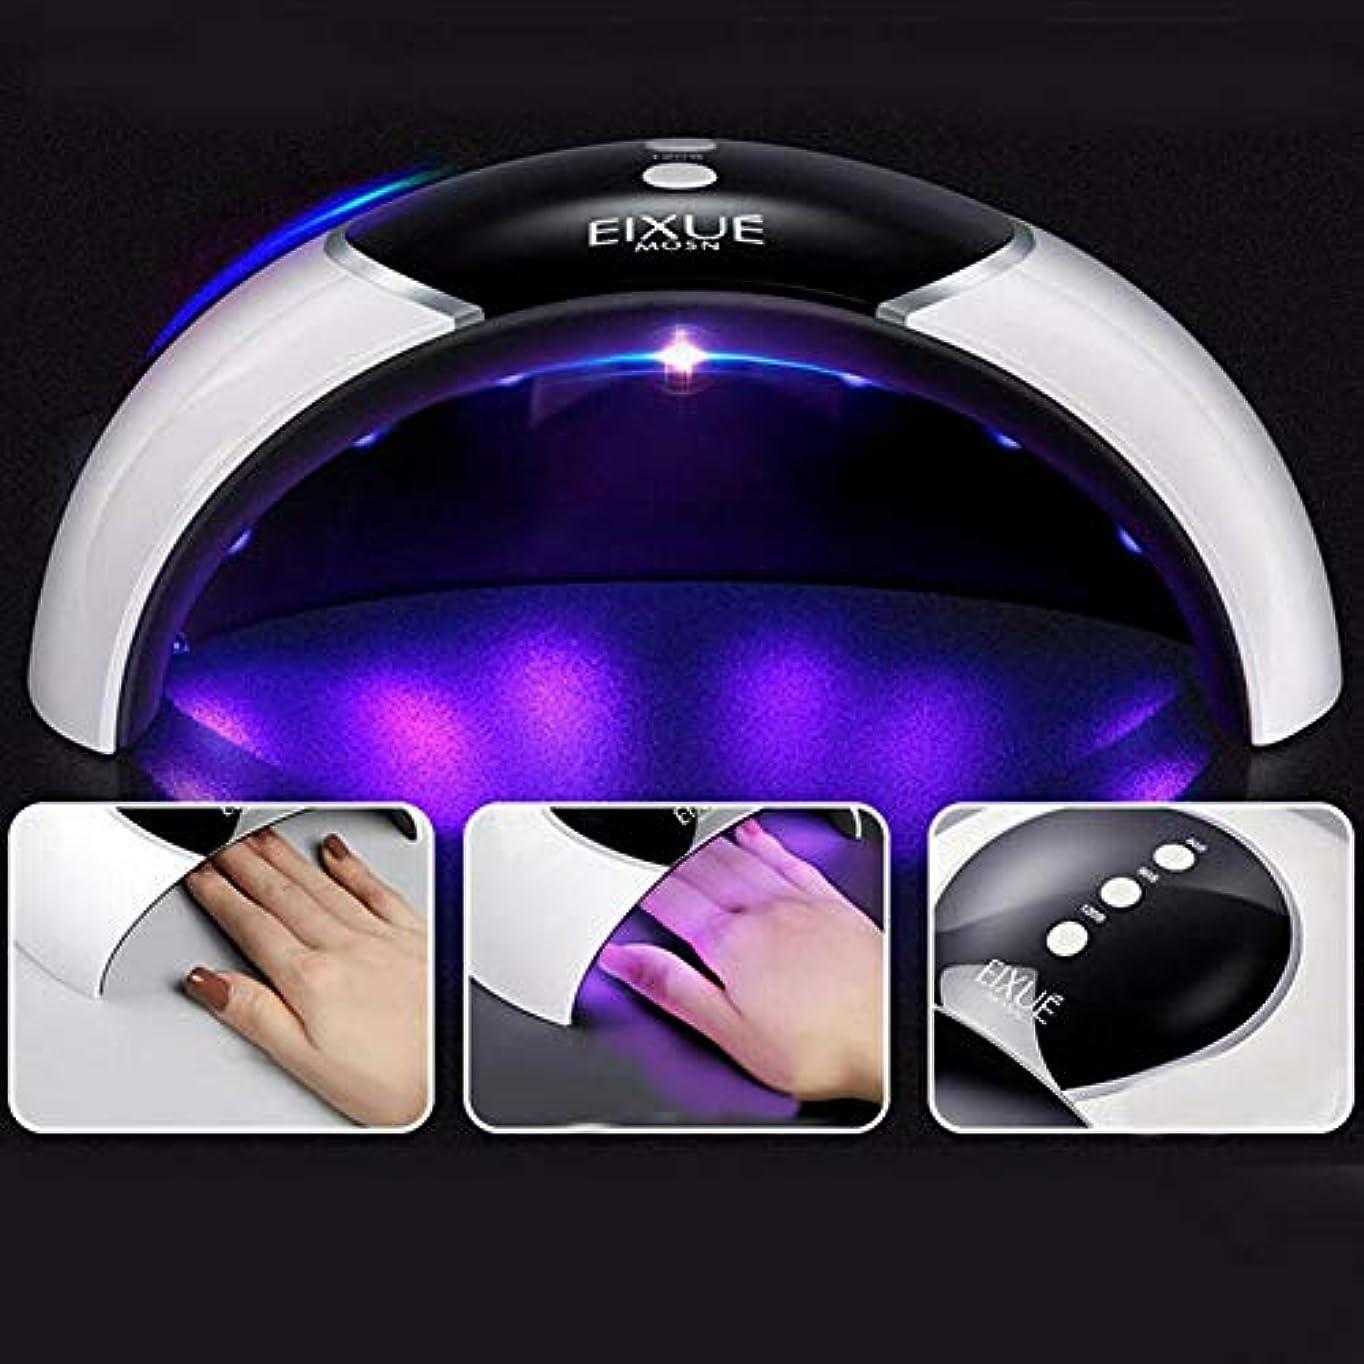 窓チョコレート申し立てるMurakush   ネイル光線療法機 ネイルポリッシュ ベーキングランプ誘導 速乾燥 光療法ランプ UV LEDドライヤー ネイルアートツール